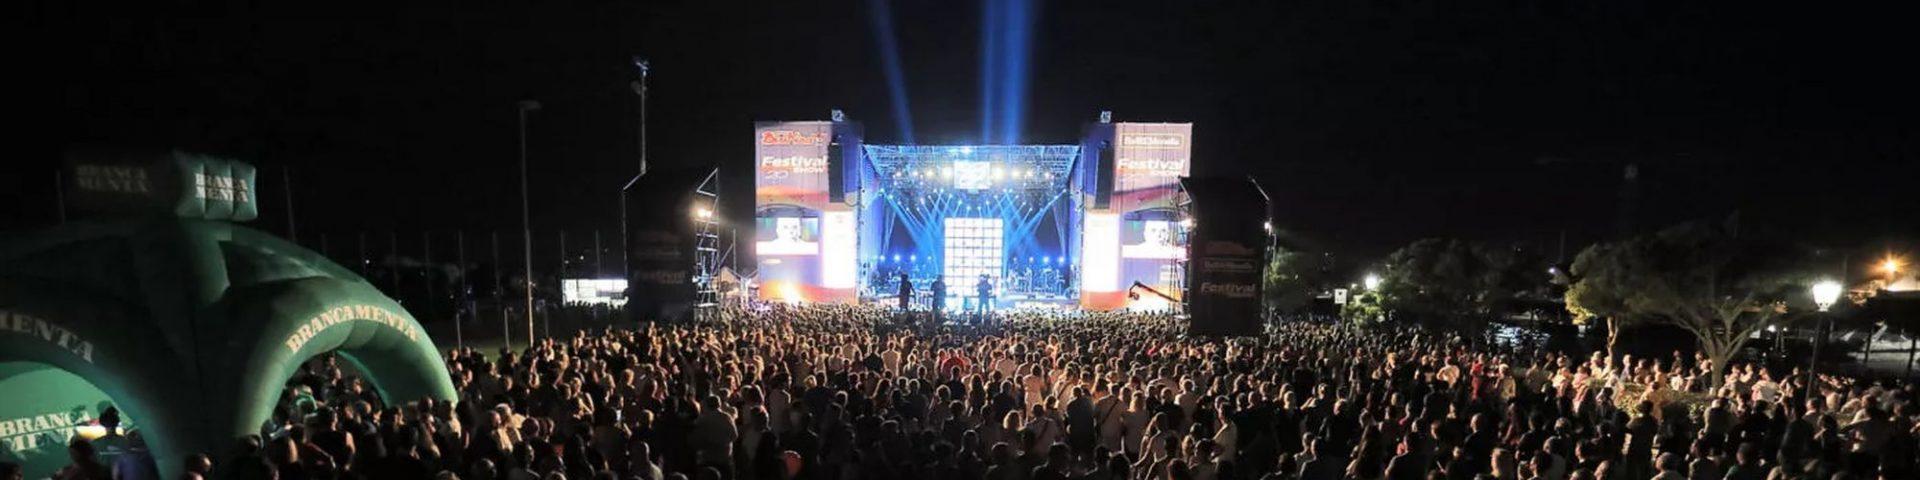 Festival Show su Real Time: cosa vedremo nella puntata del 29 agosto?